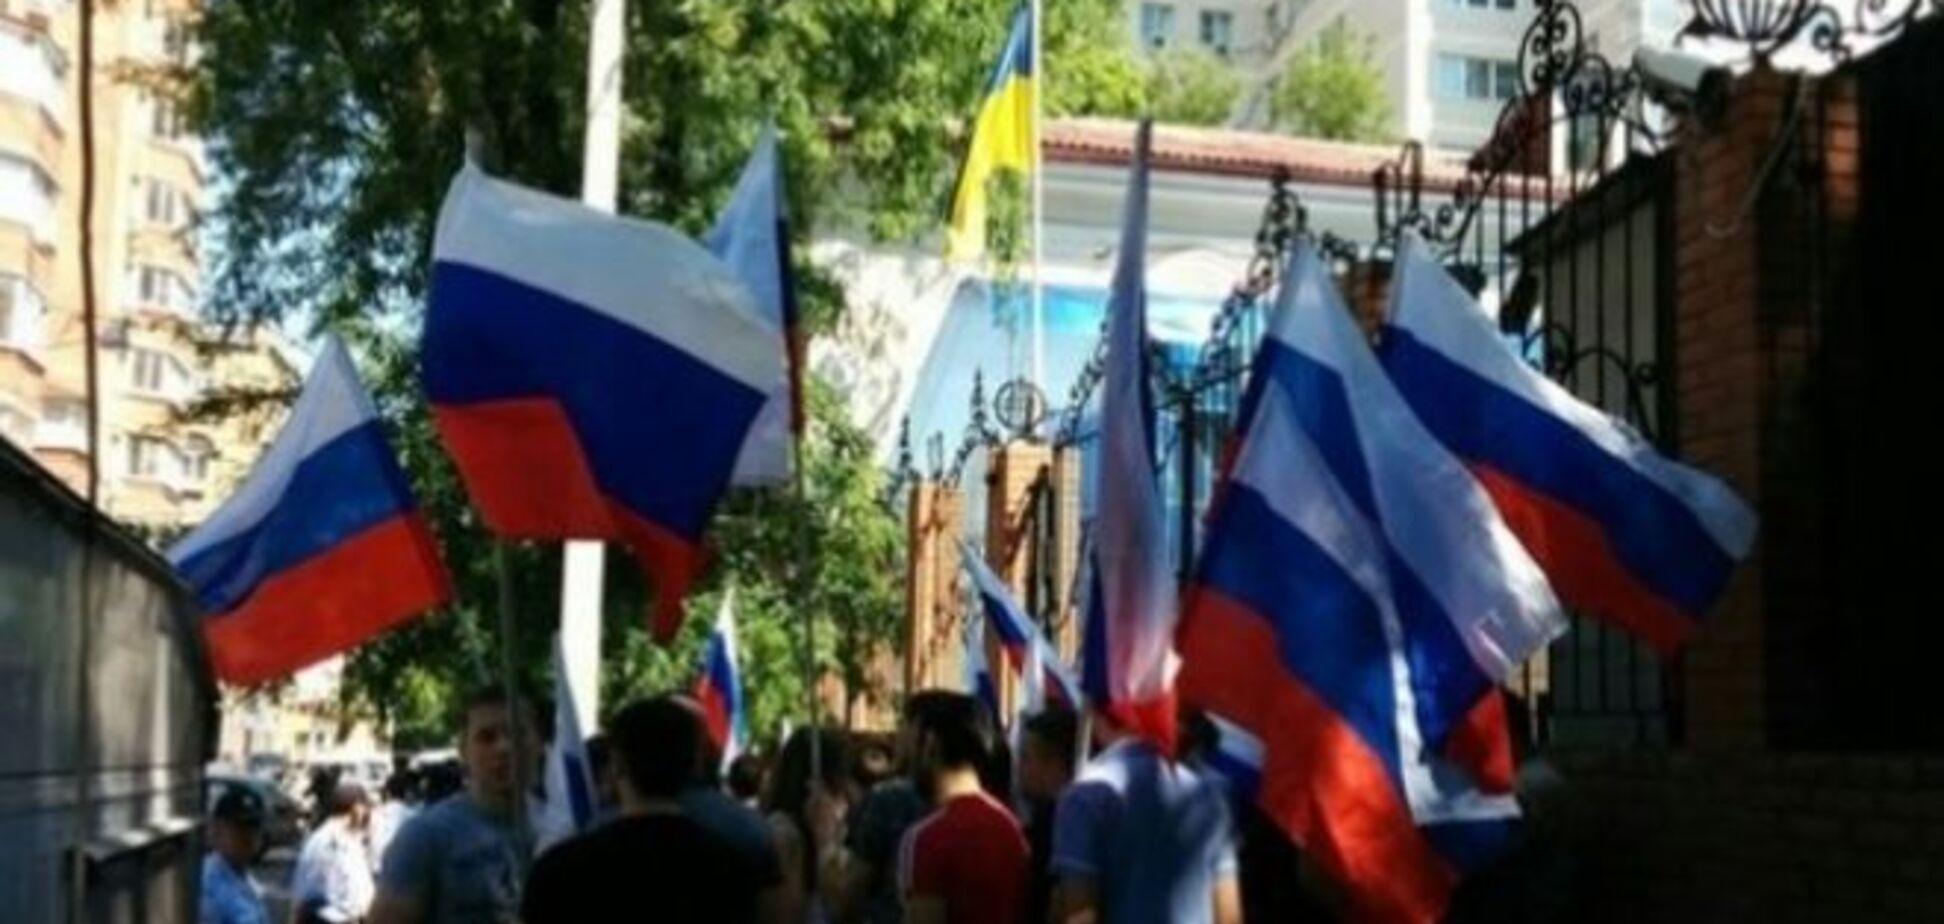 Они еще и обиделись! Недовольные россияне пикетируют разгромленное консульство Украины в Ростове